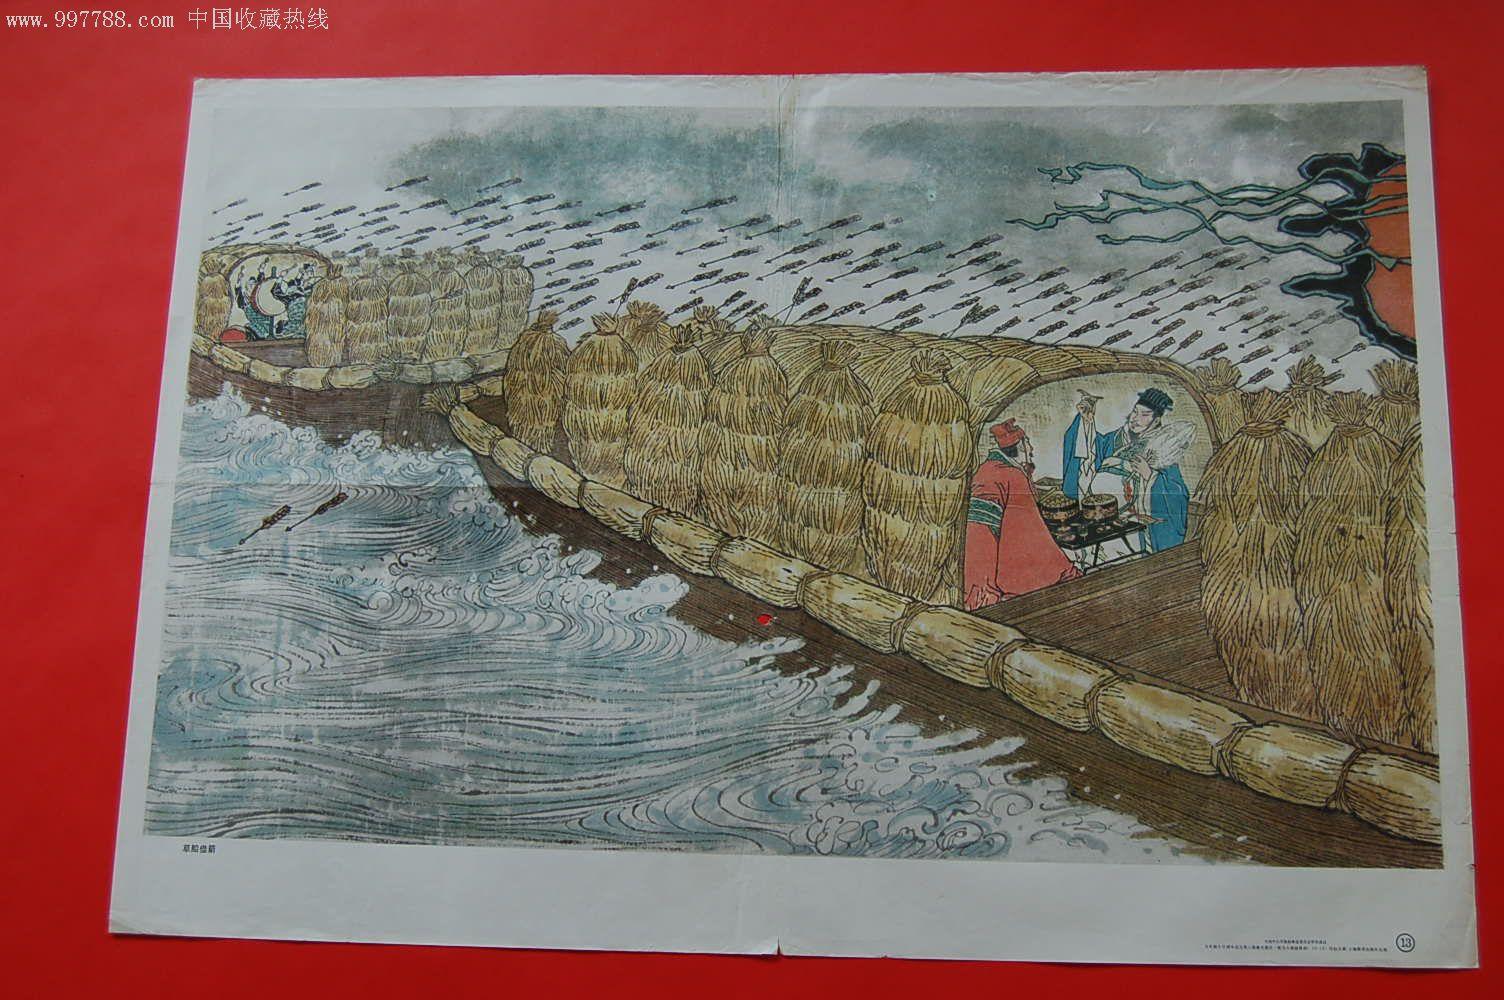 草船借箭,数星星的孩子,两张-au3115706-年画/宣传画图片